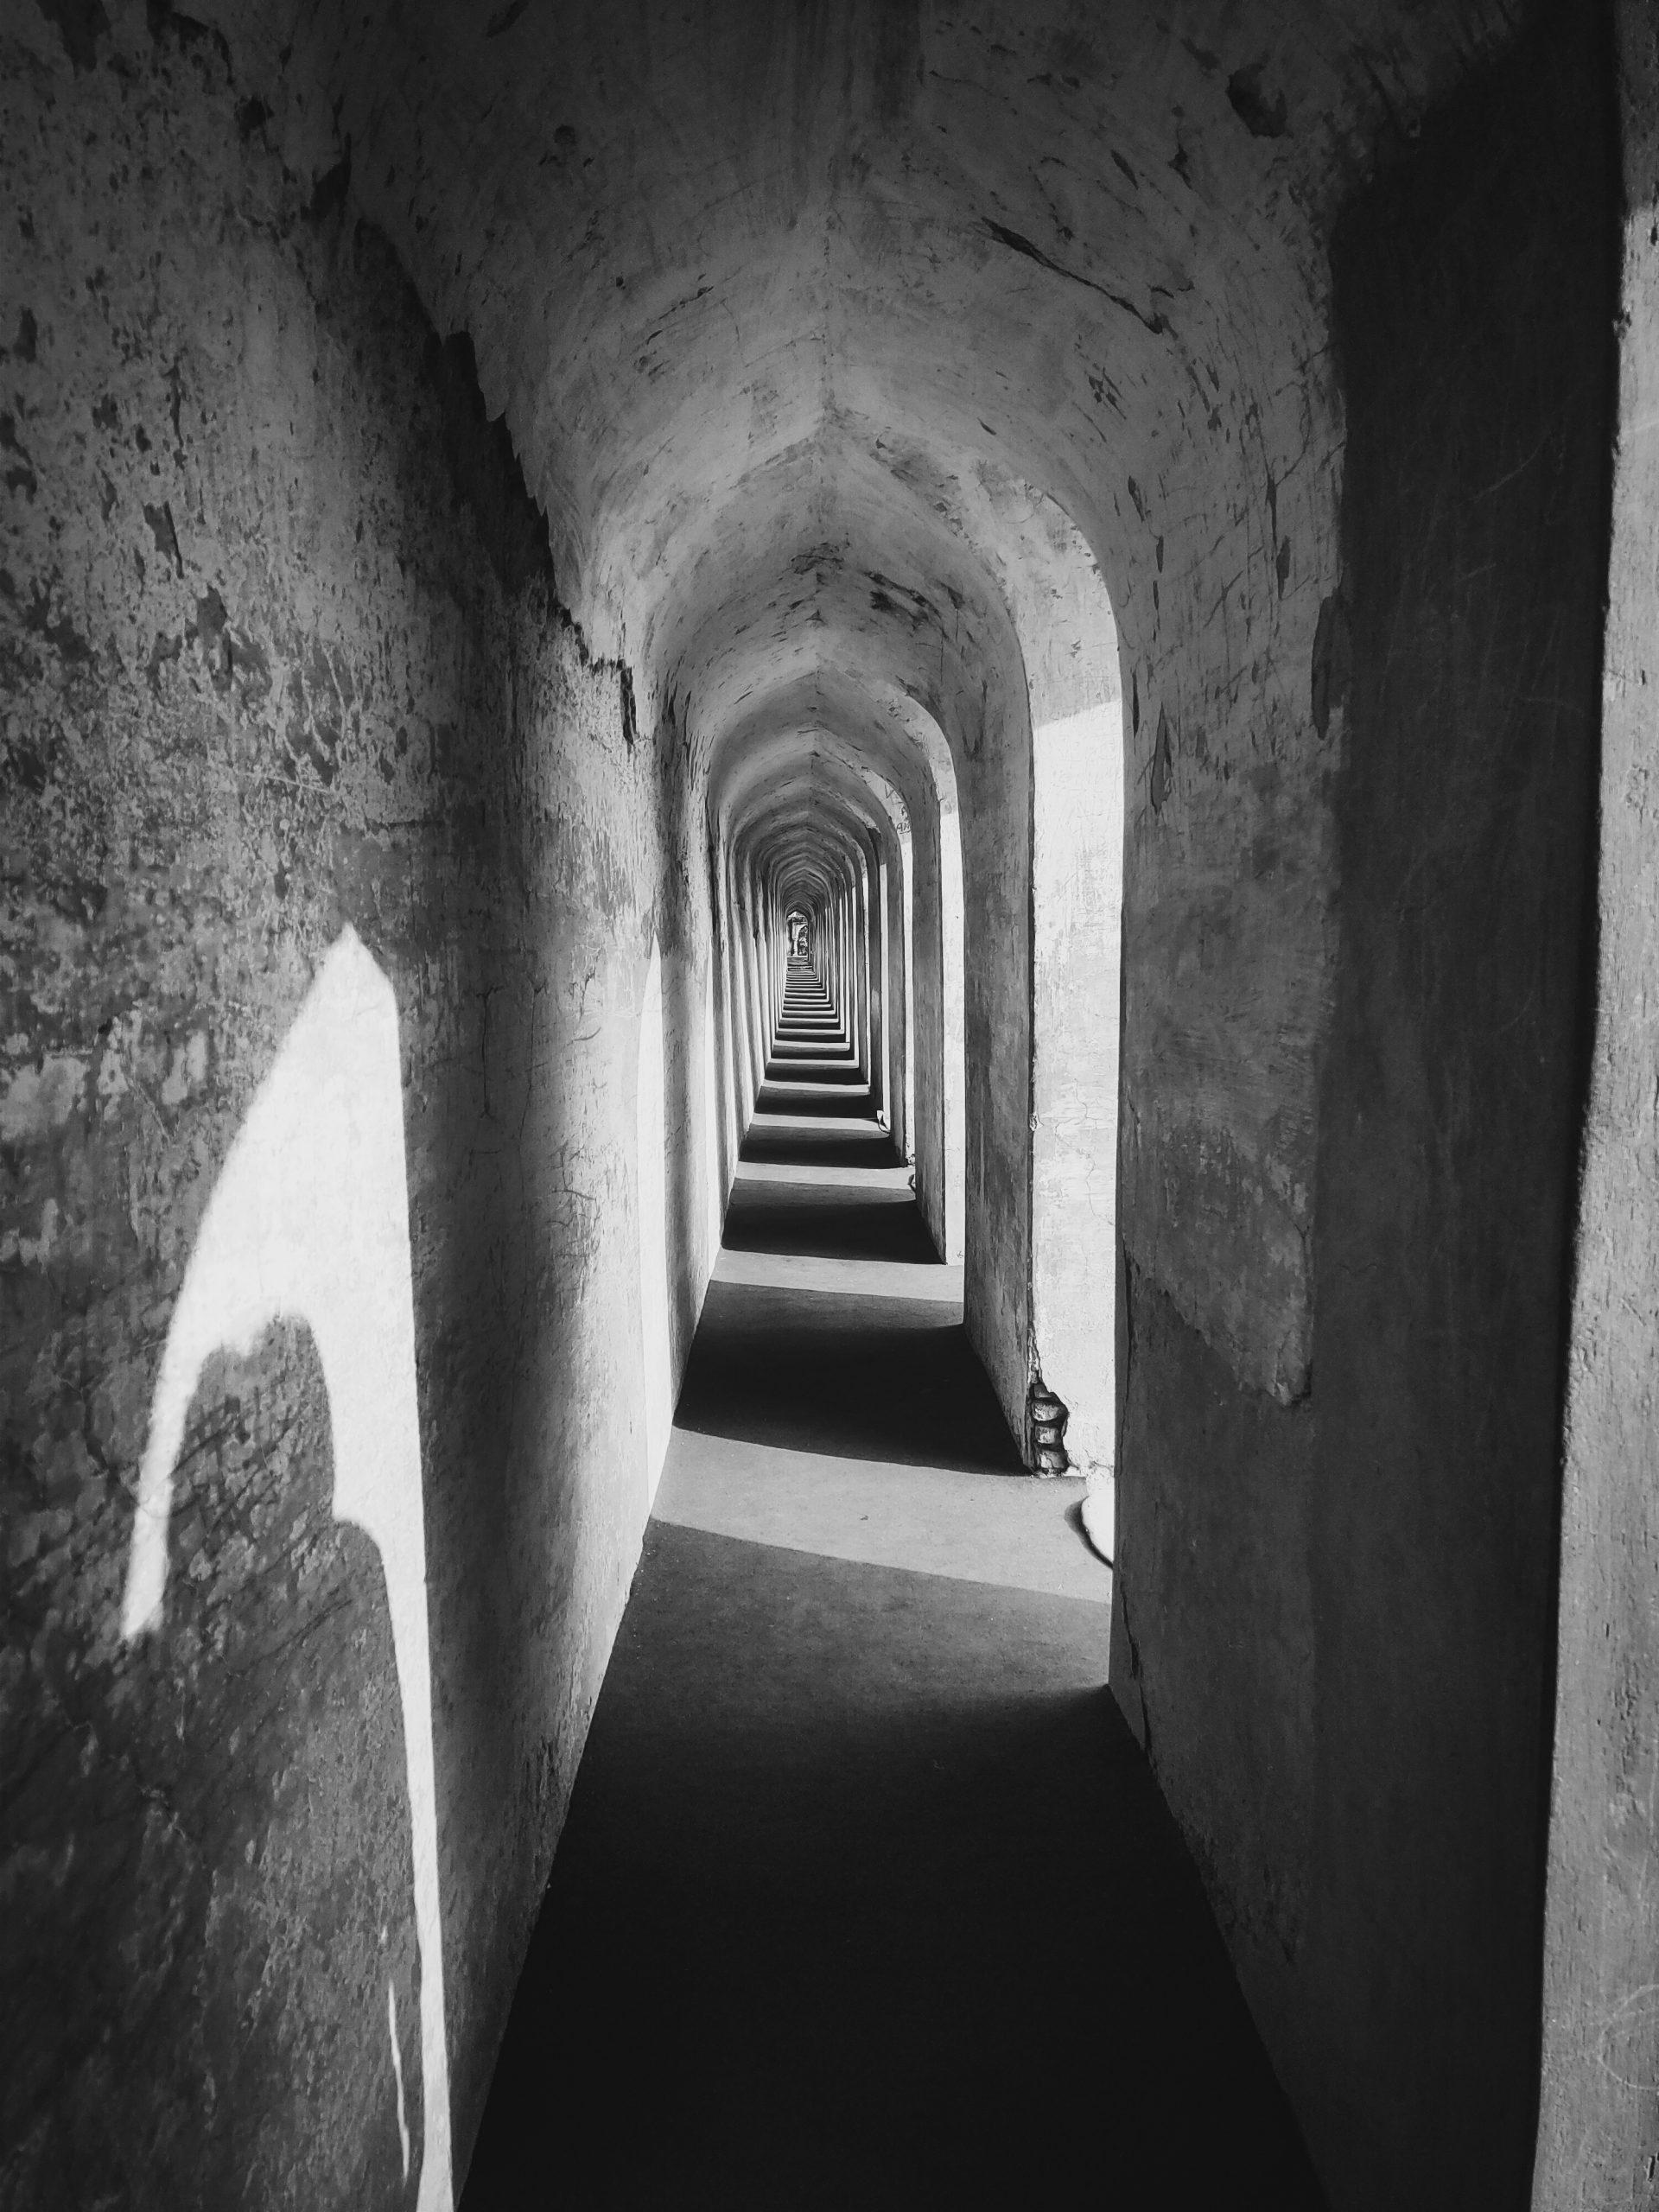 Archways at Bara Imambara